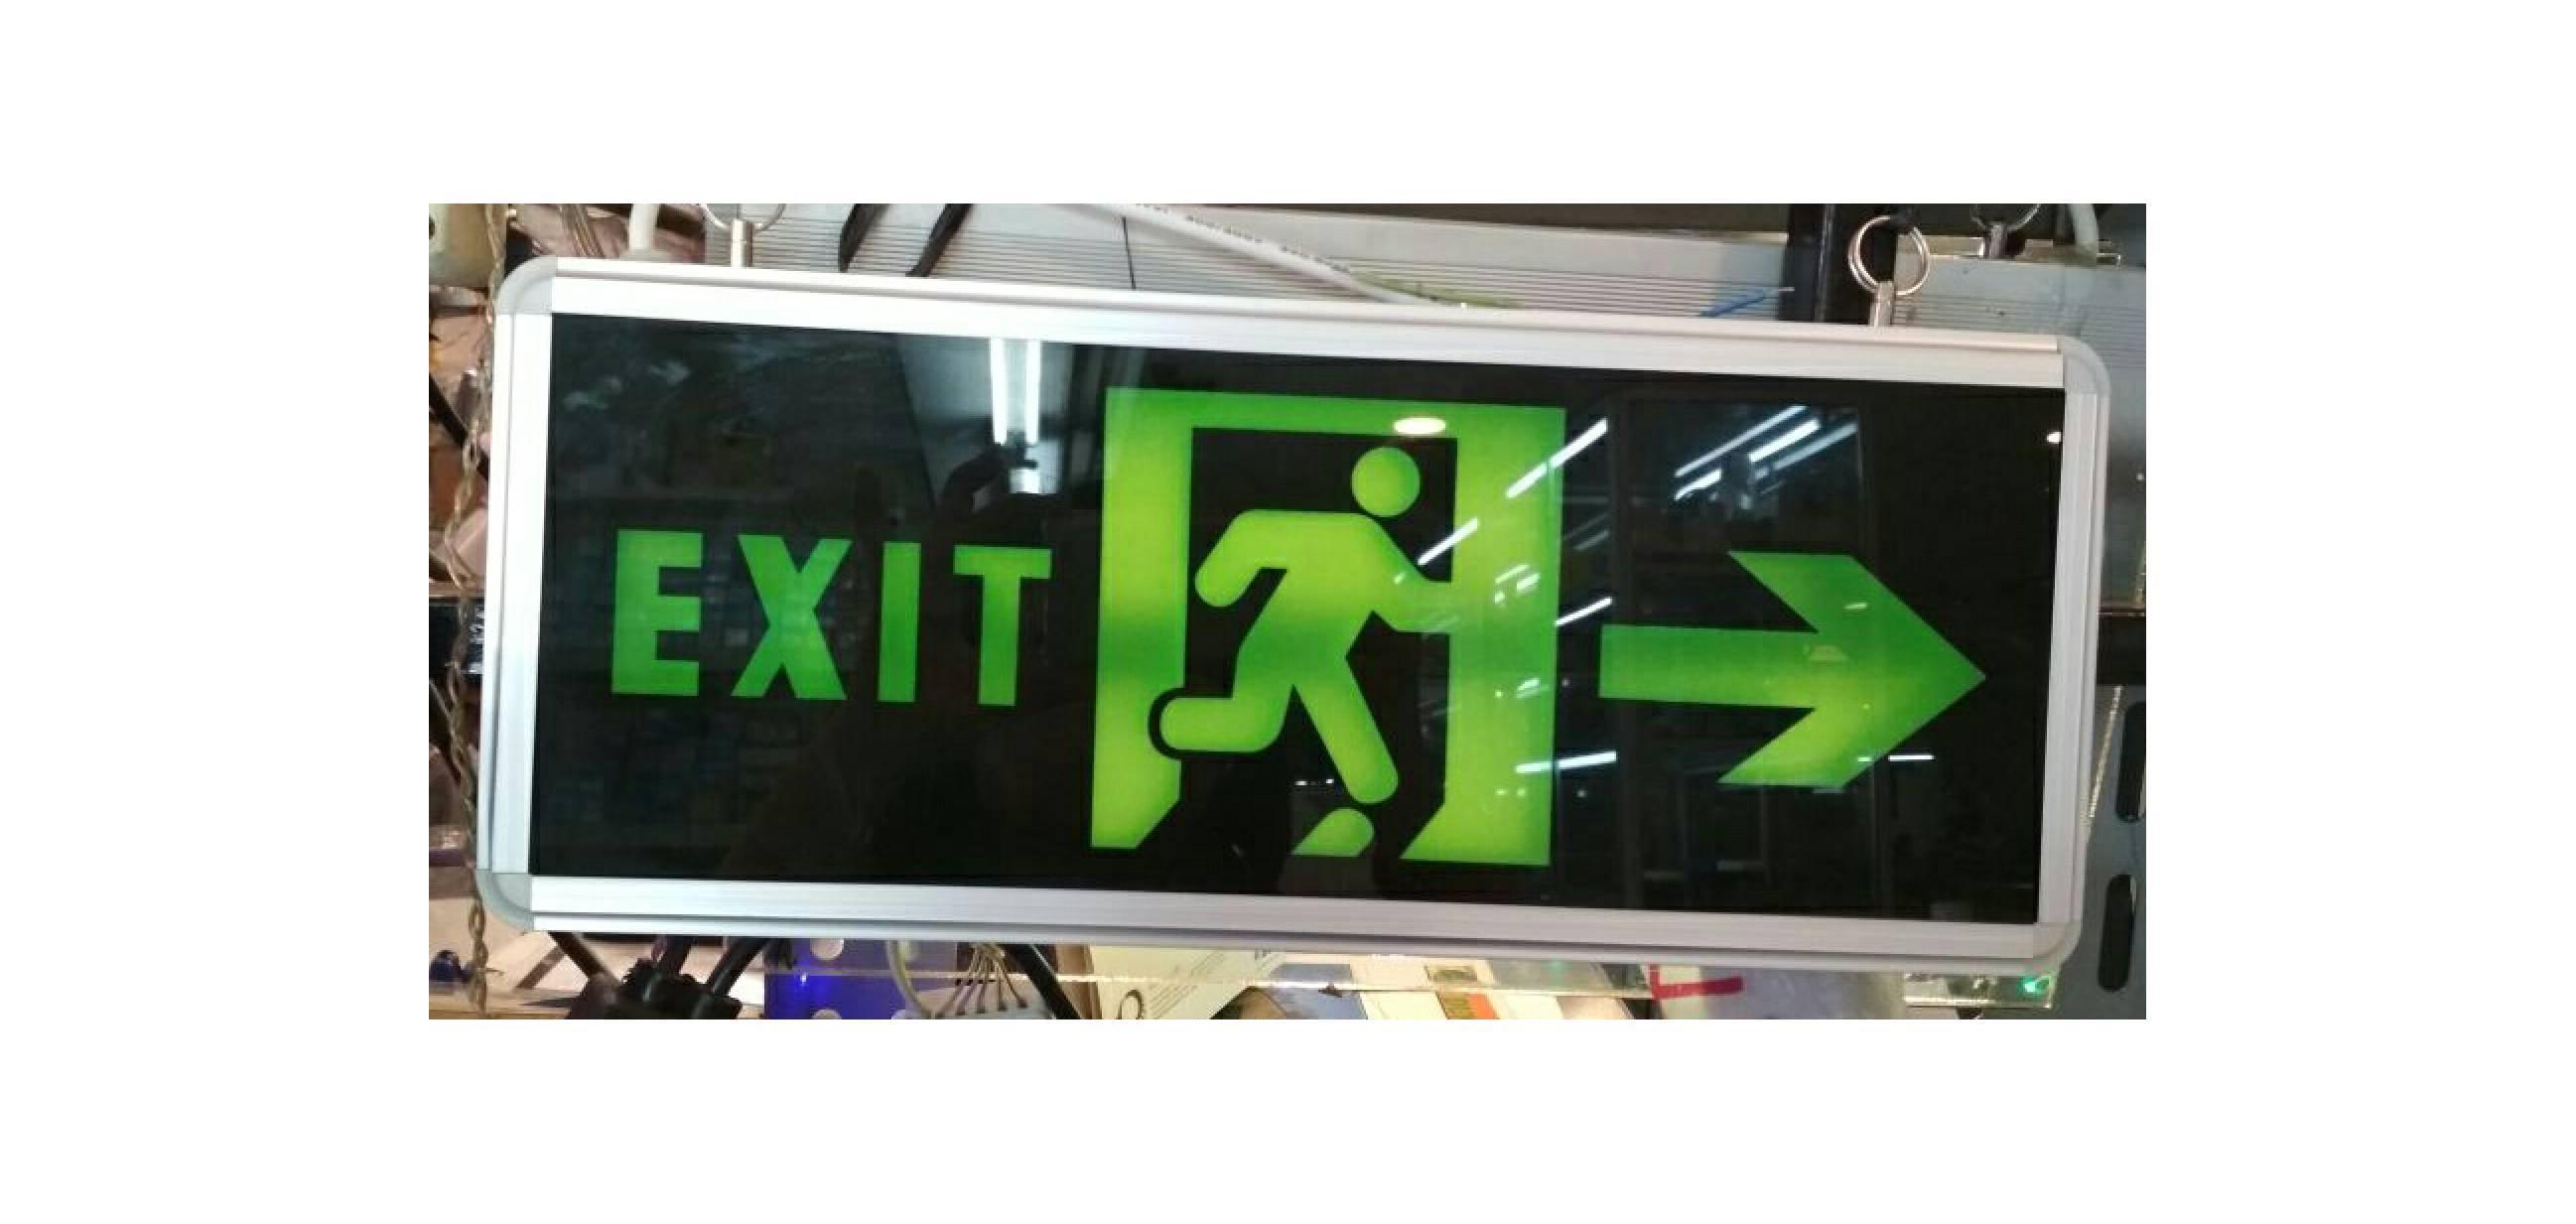 Lampu EXIT LED / Lampu Petunjuk Darurat / Emergency EXIT Lamp 2 sisi